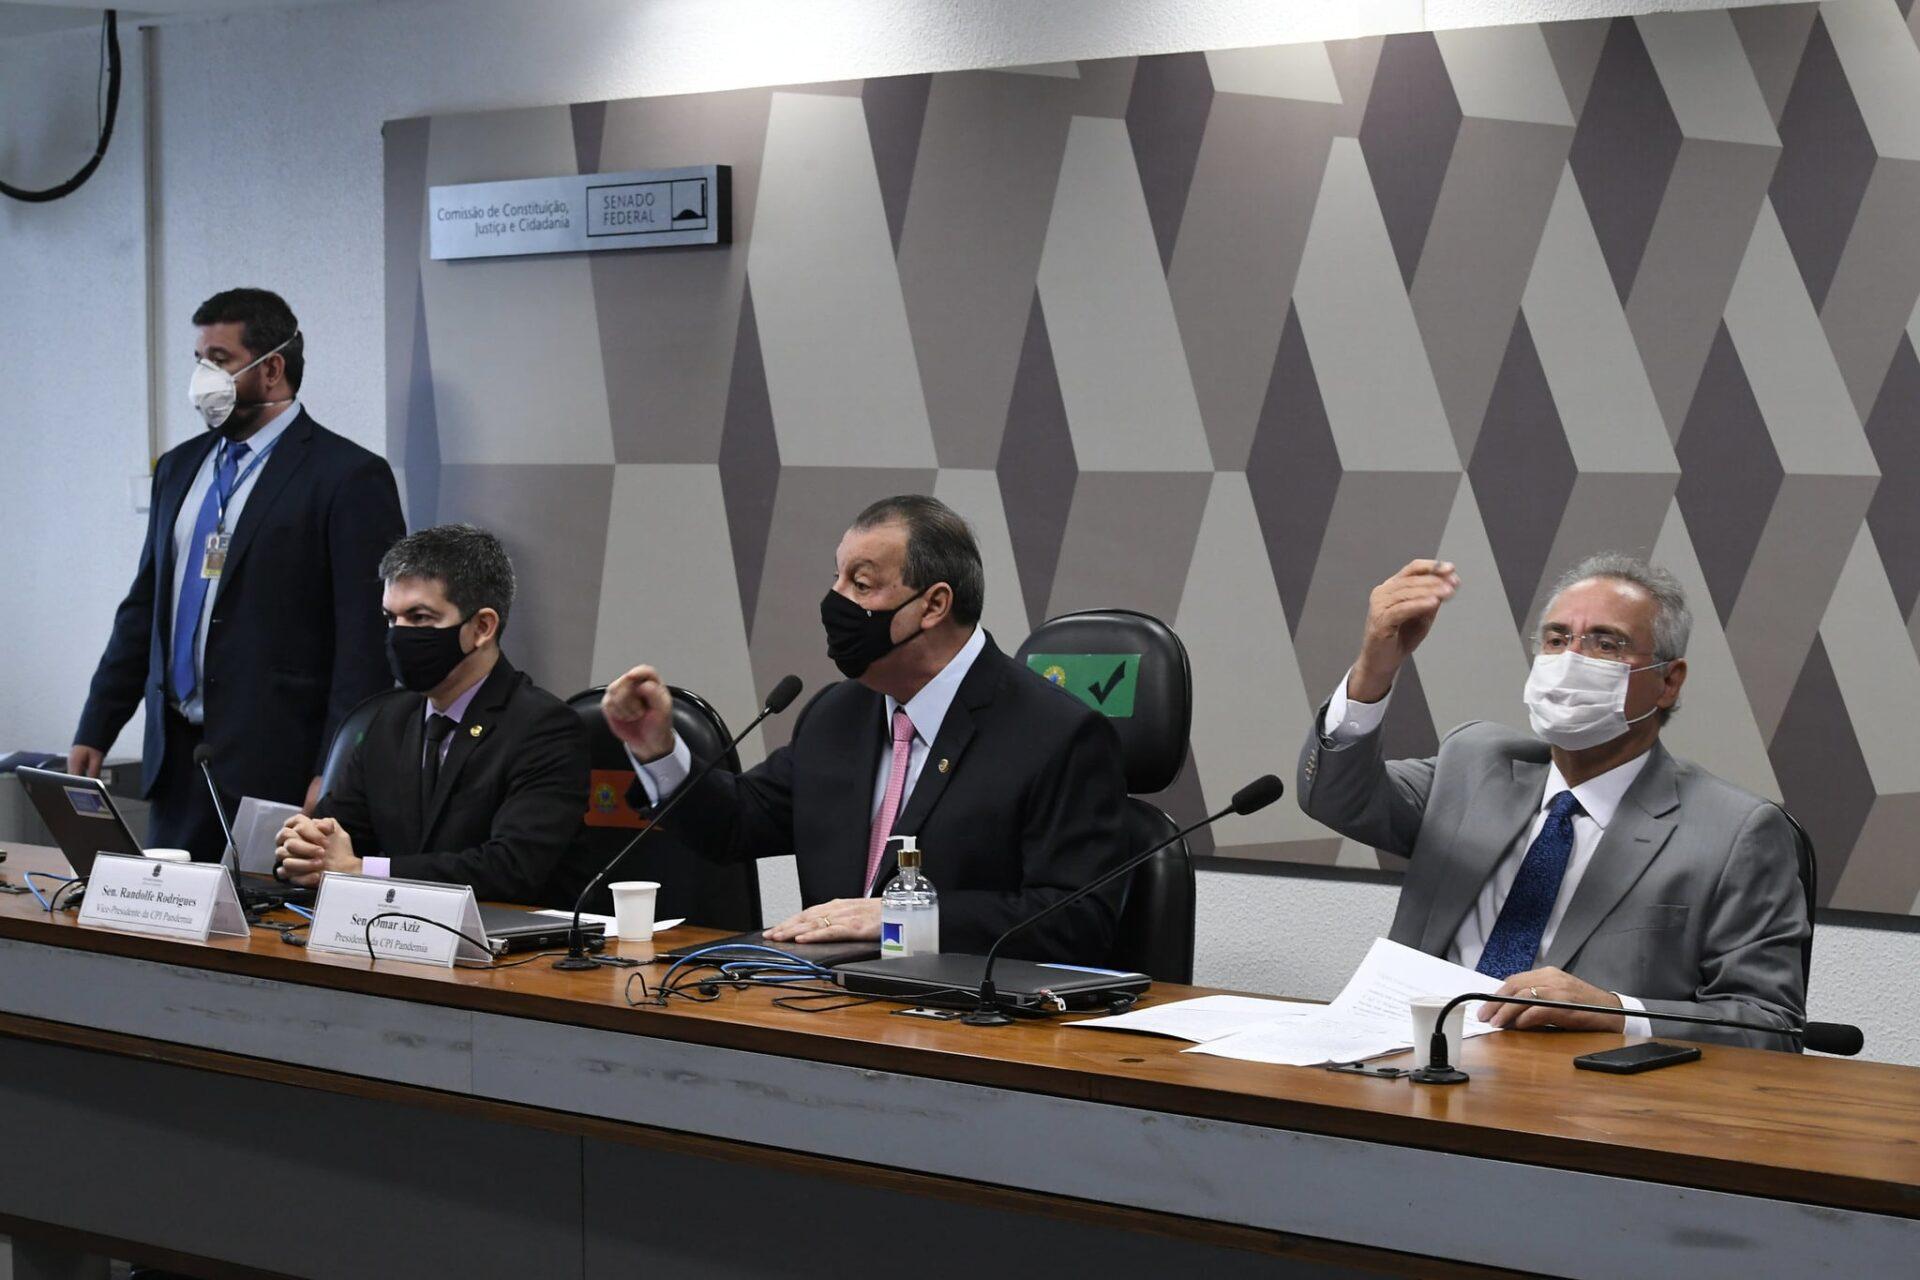 Sem presença de convocados, CPI vota requerimentos nesta terça-feira